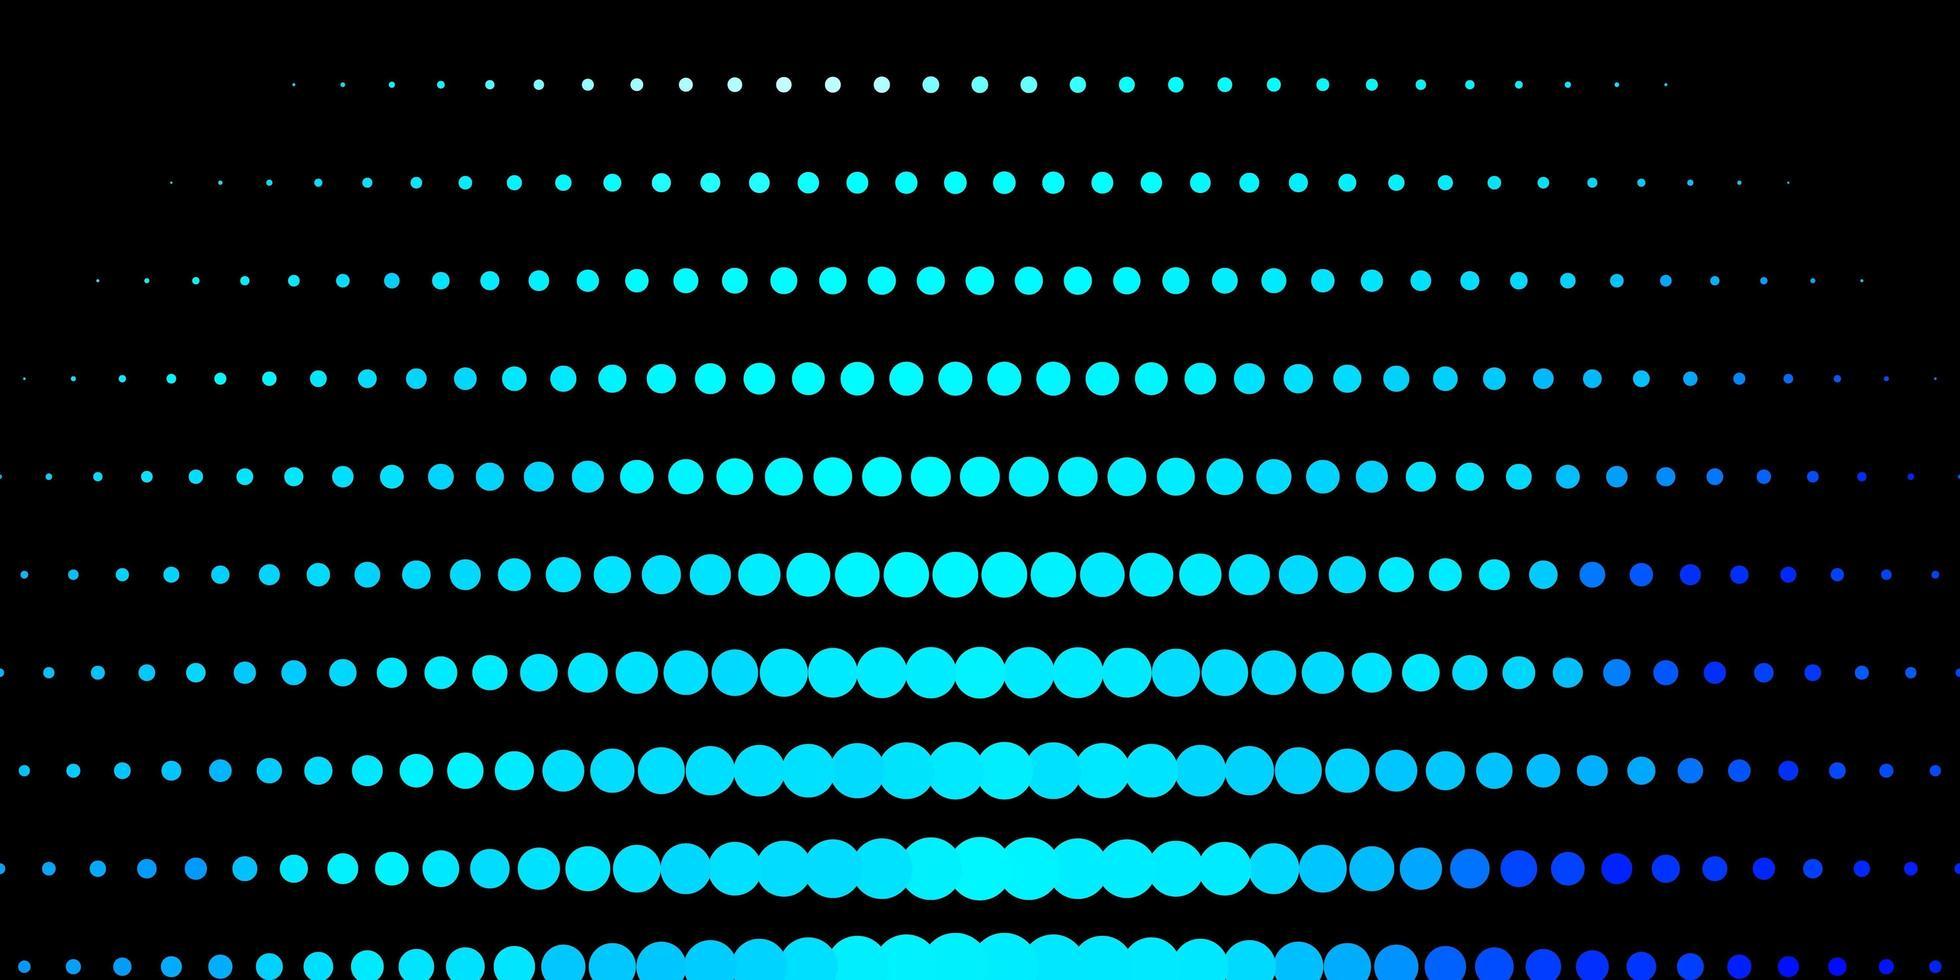 Fondo de vector azul oscuro con manchas.